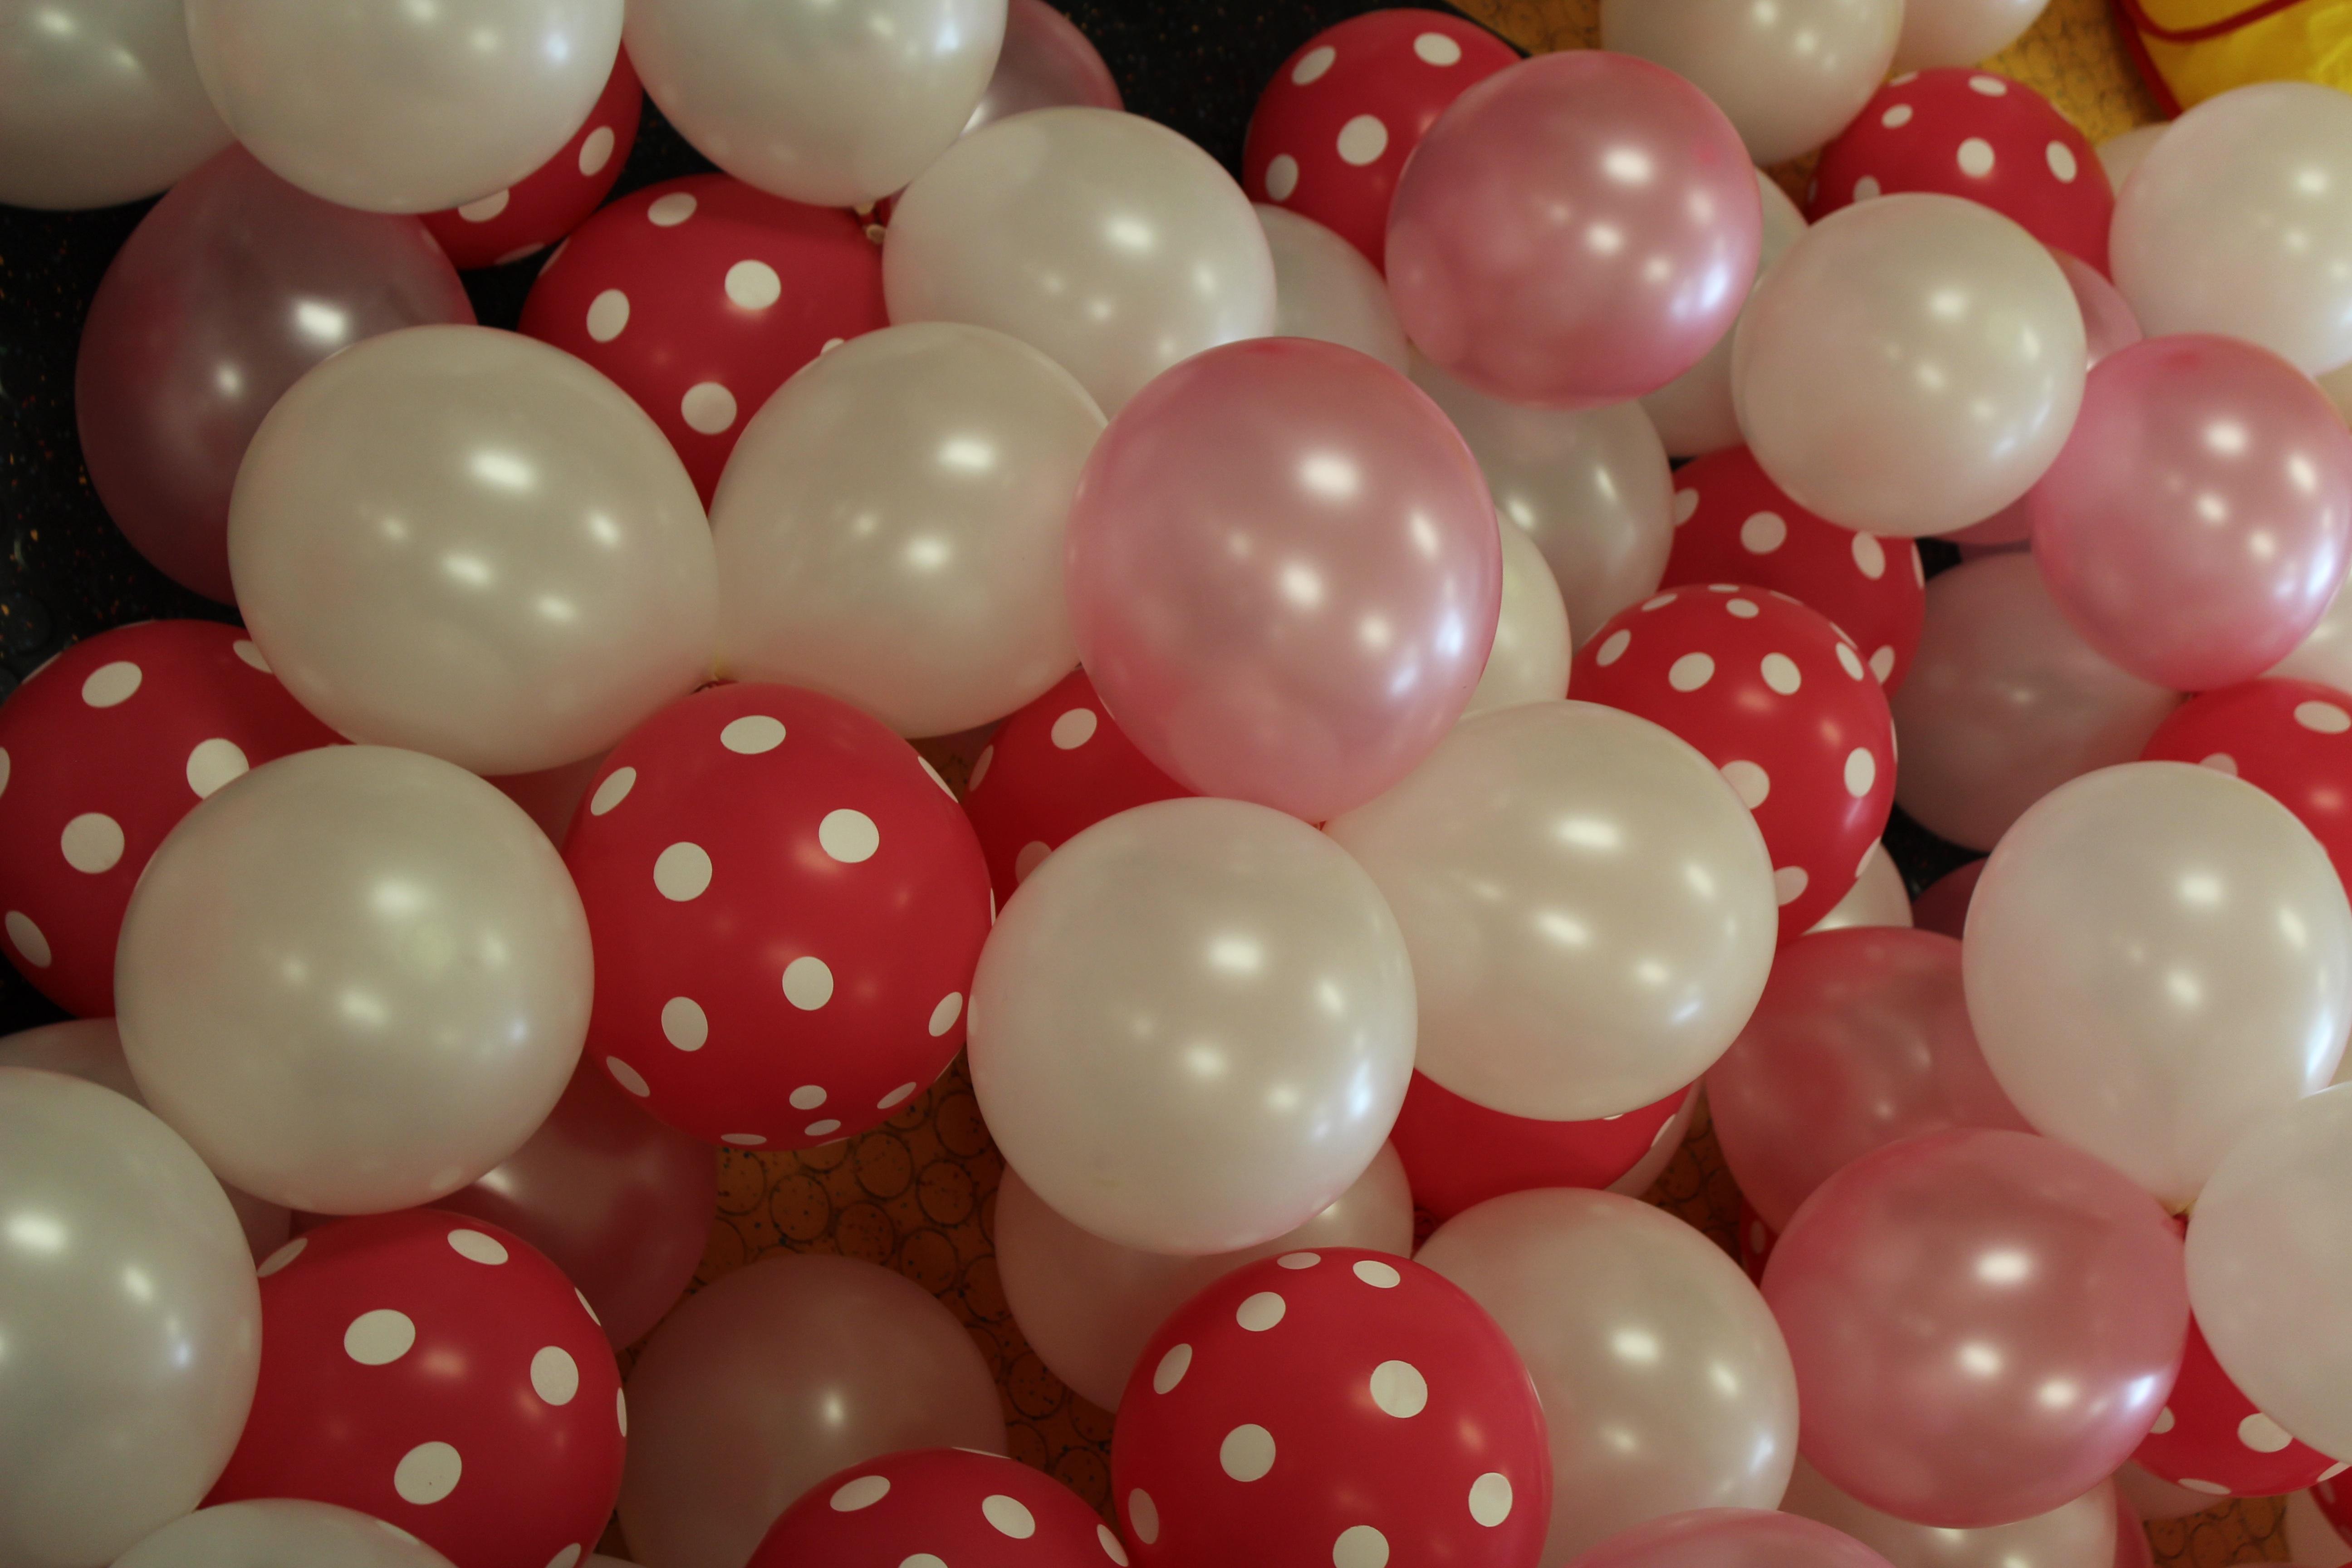 много красивых шариков фото